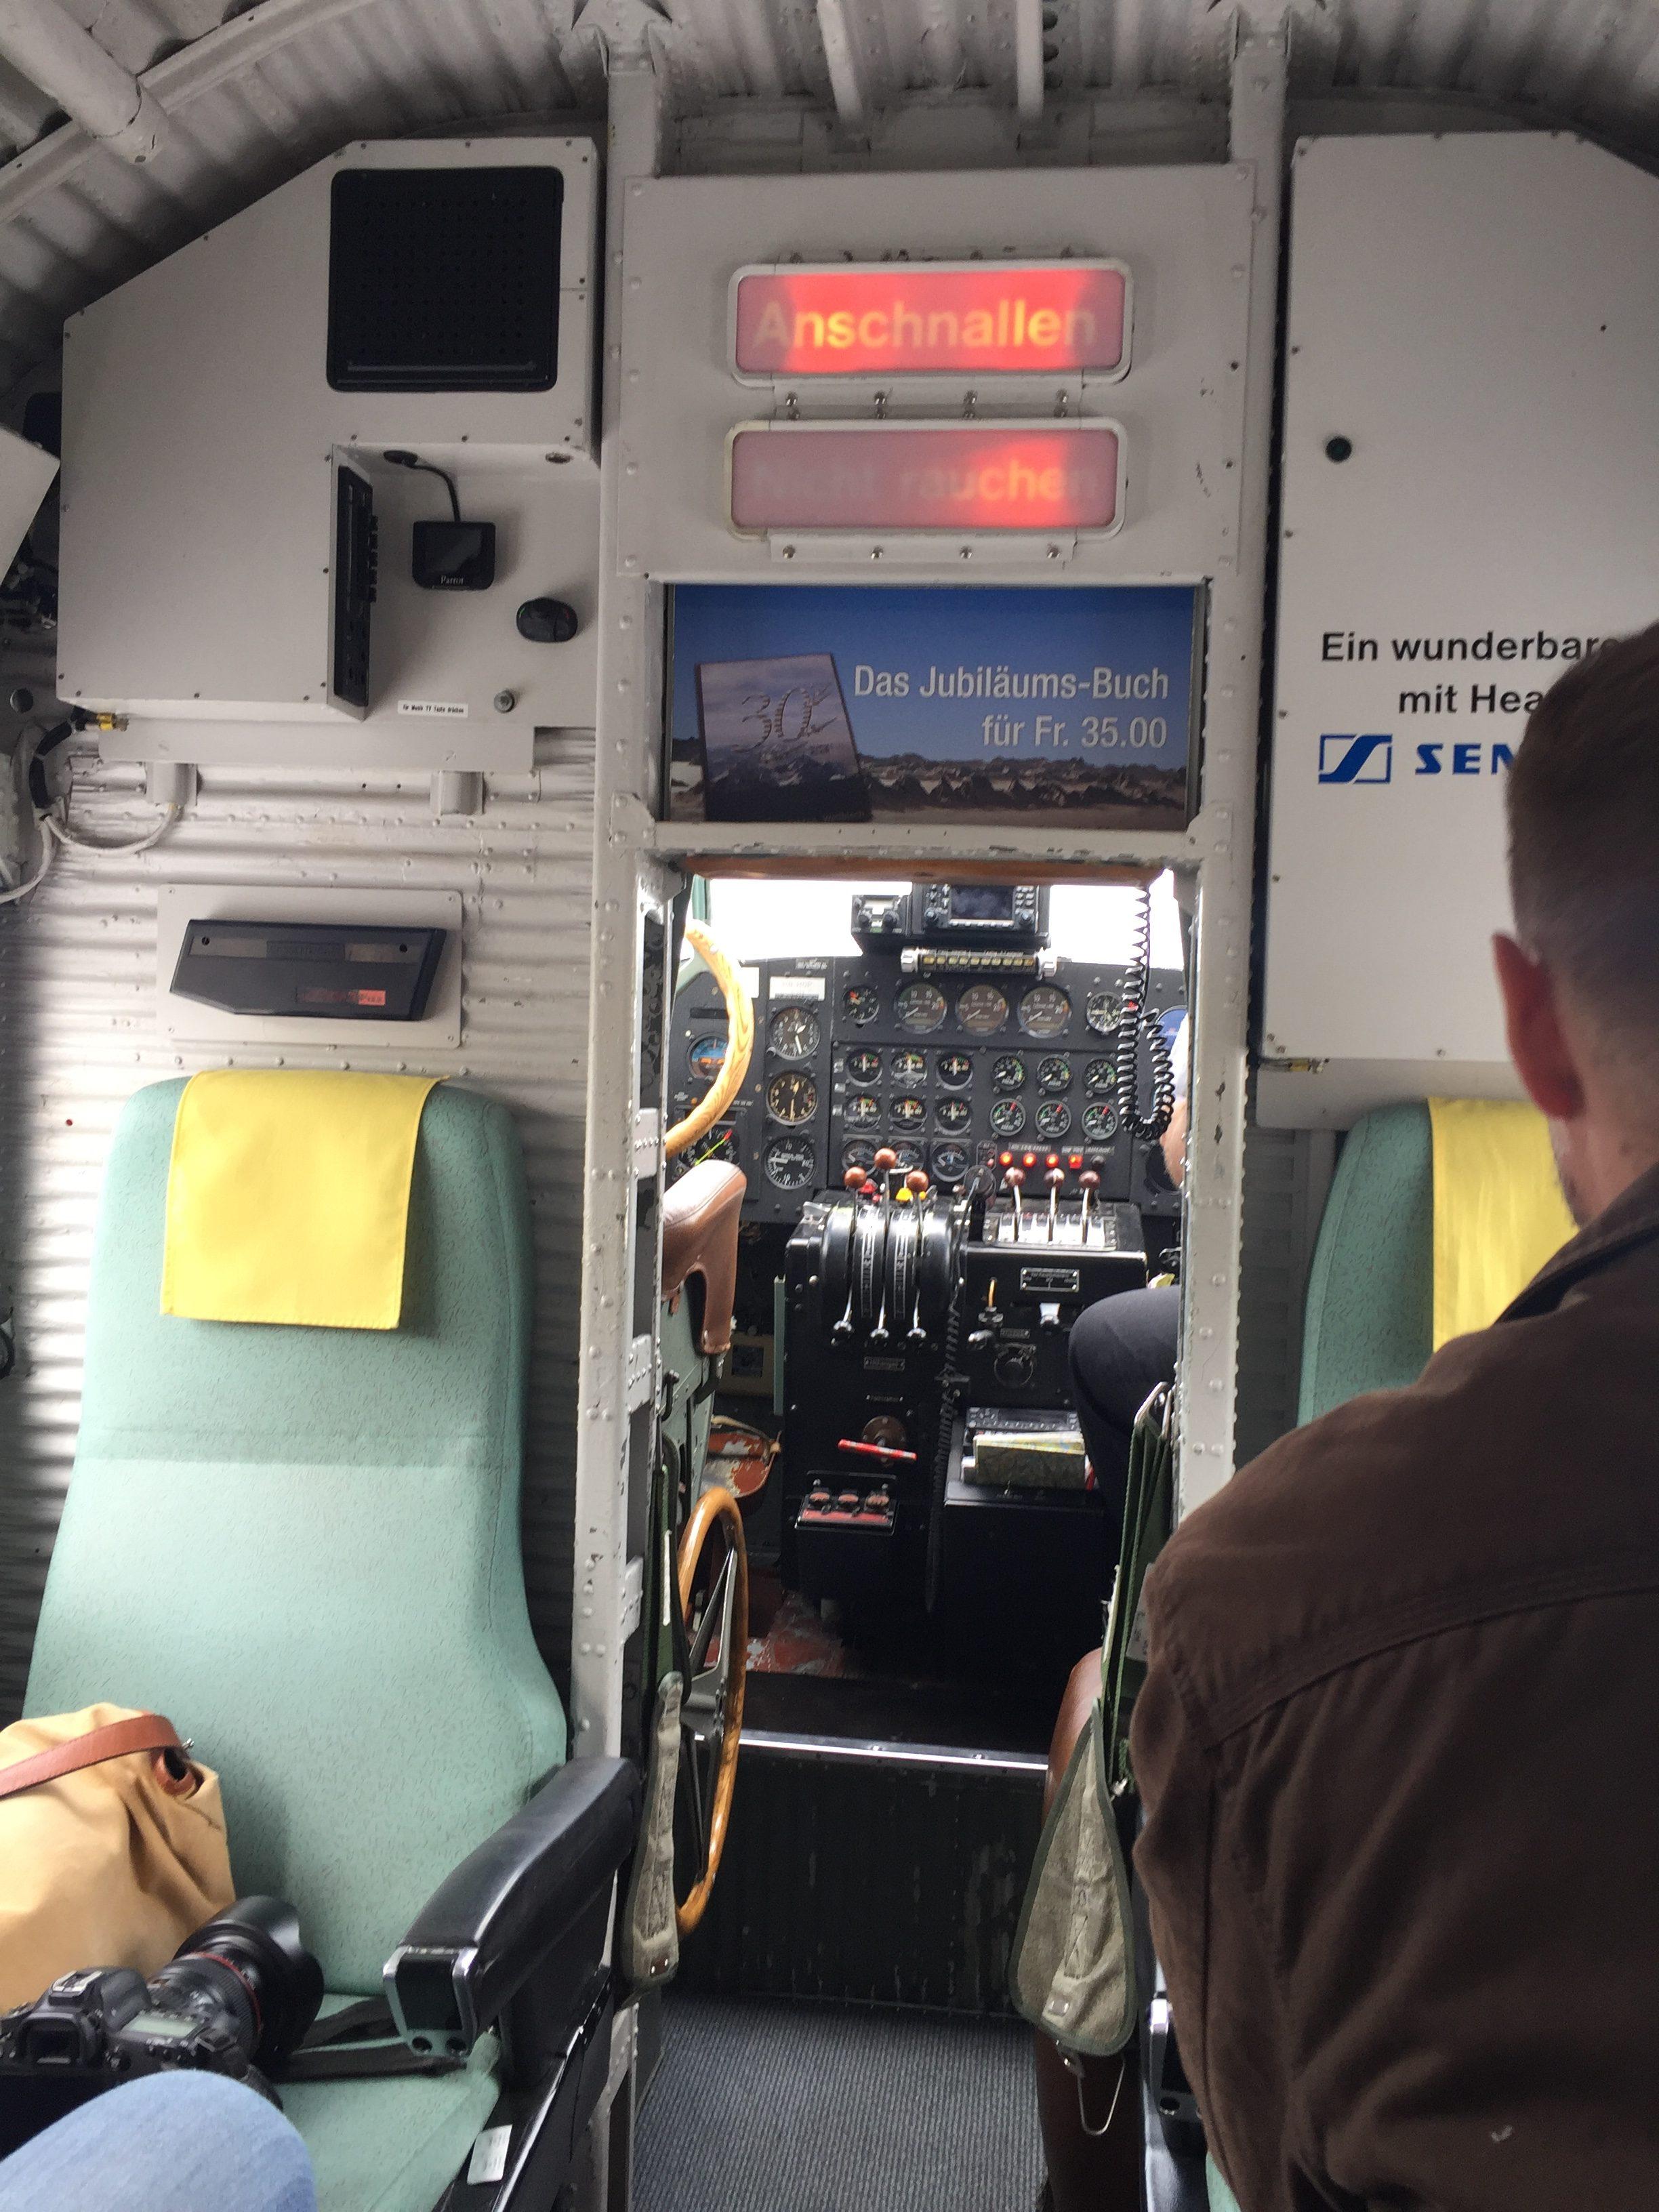 20160917_cockpit